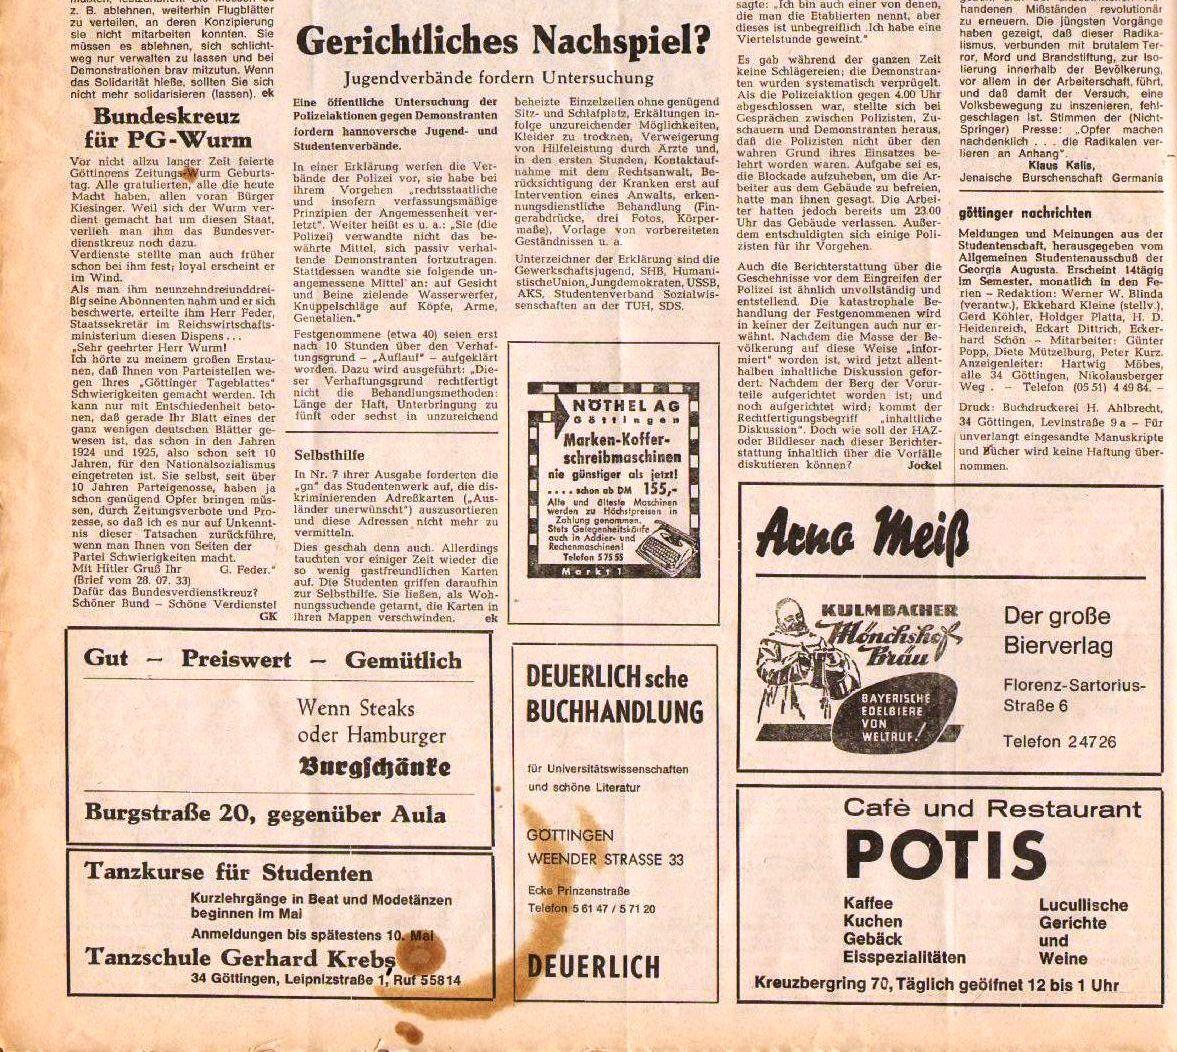 Goettinger_Nachrichten092